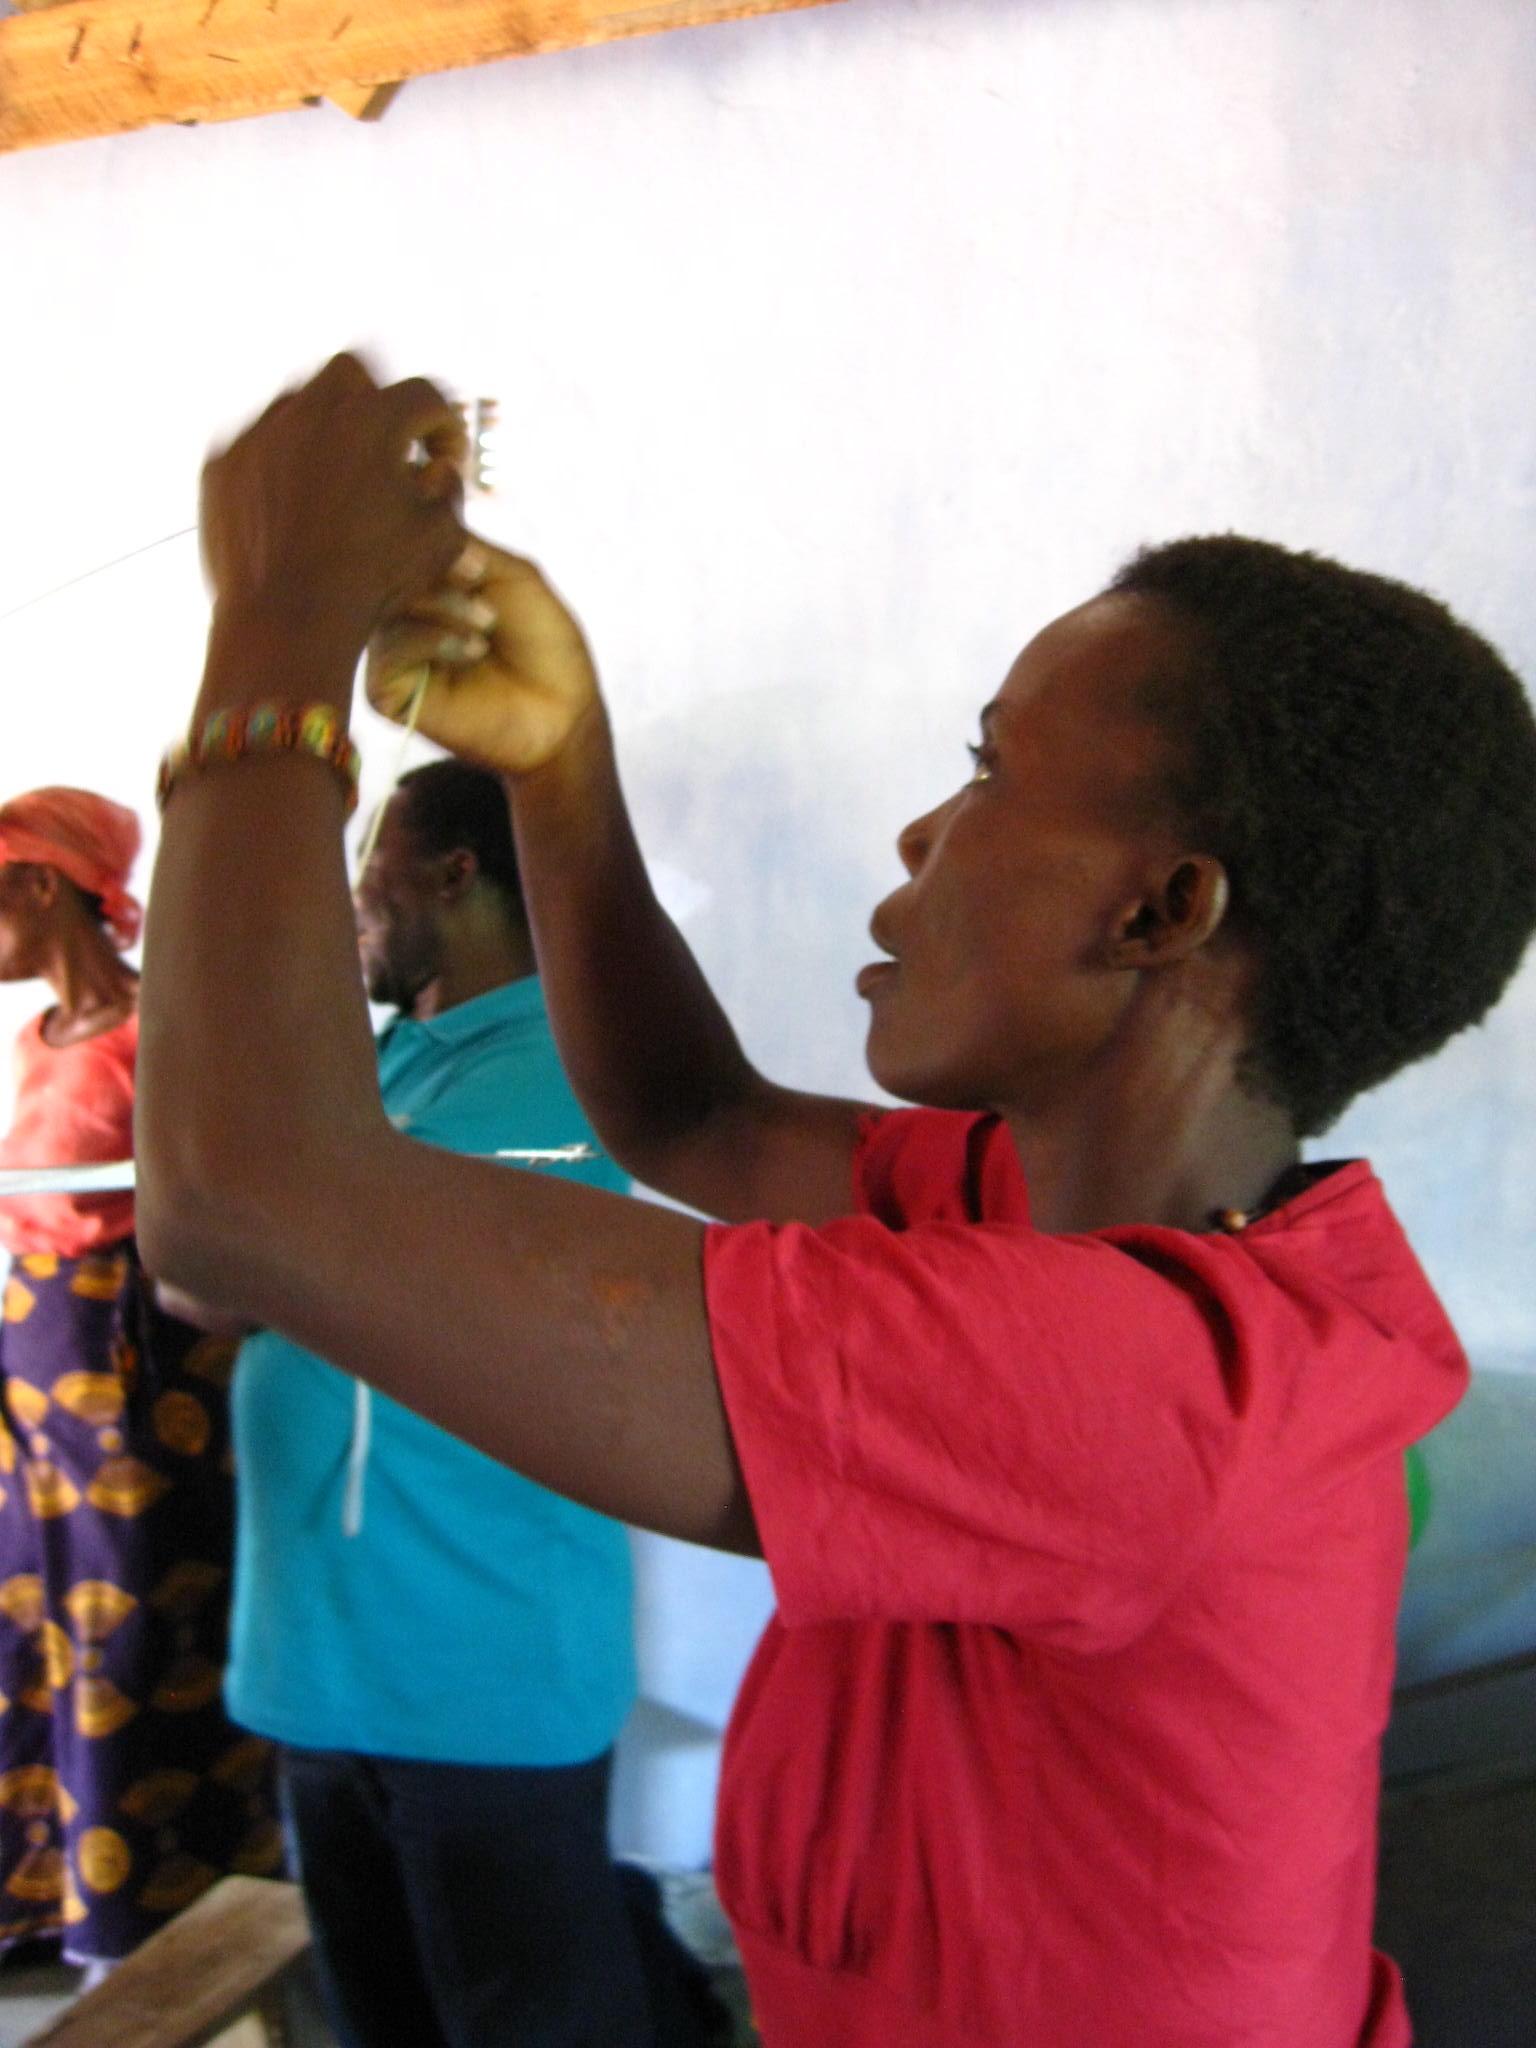 Woman Weaving 2, Feb 2011